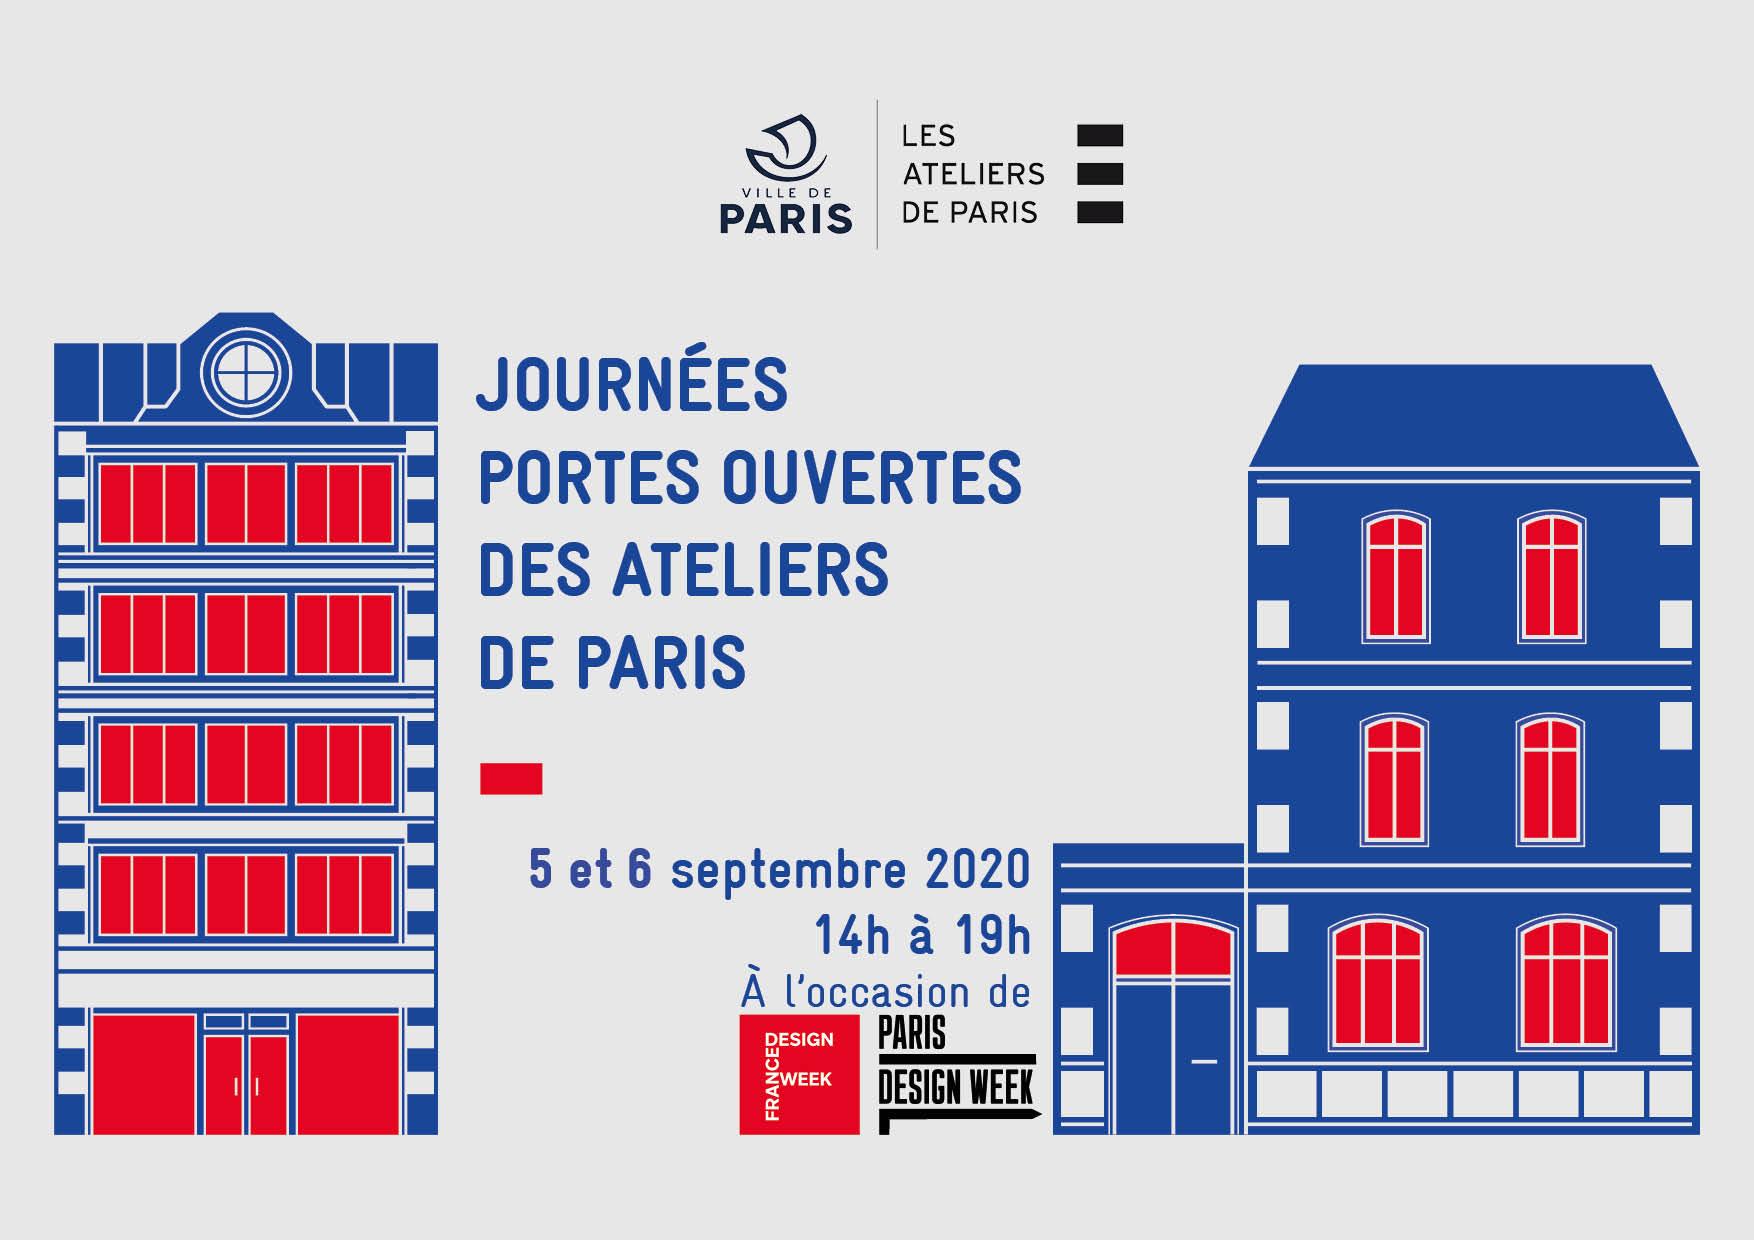 Journées portes ouvertes des Ateliers de Paris